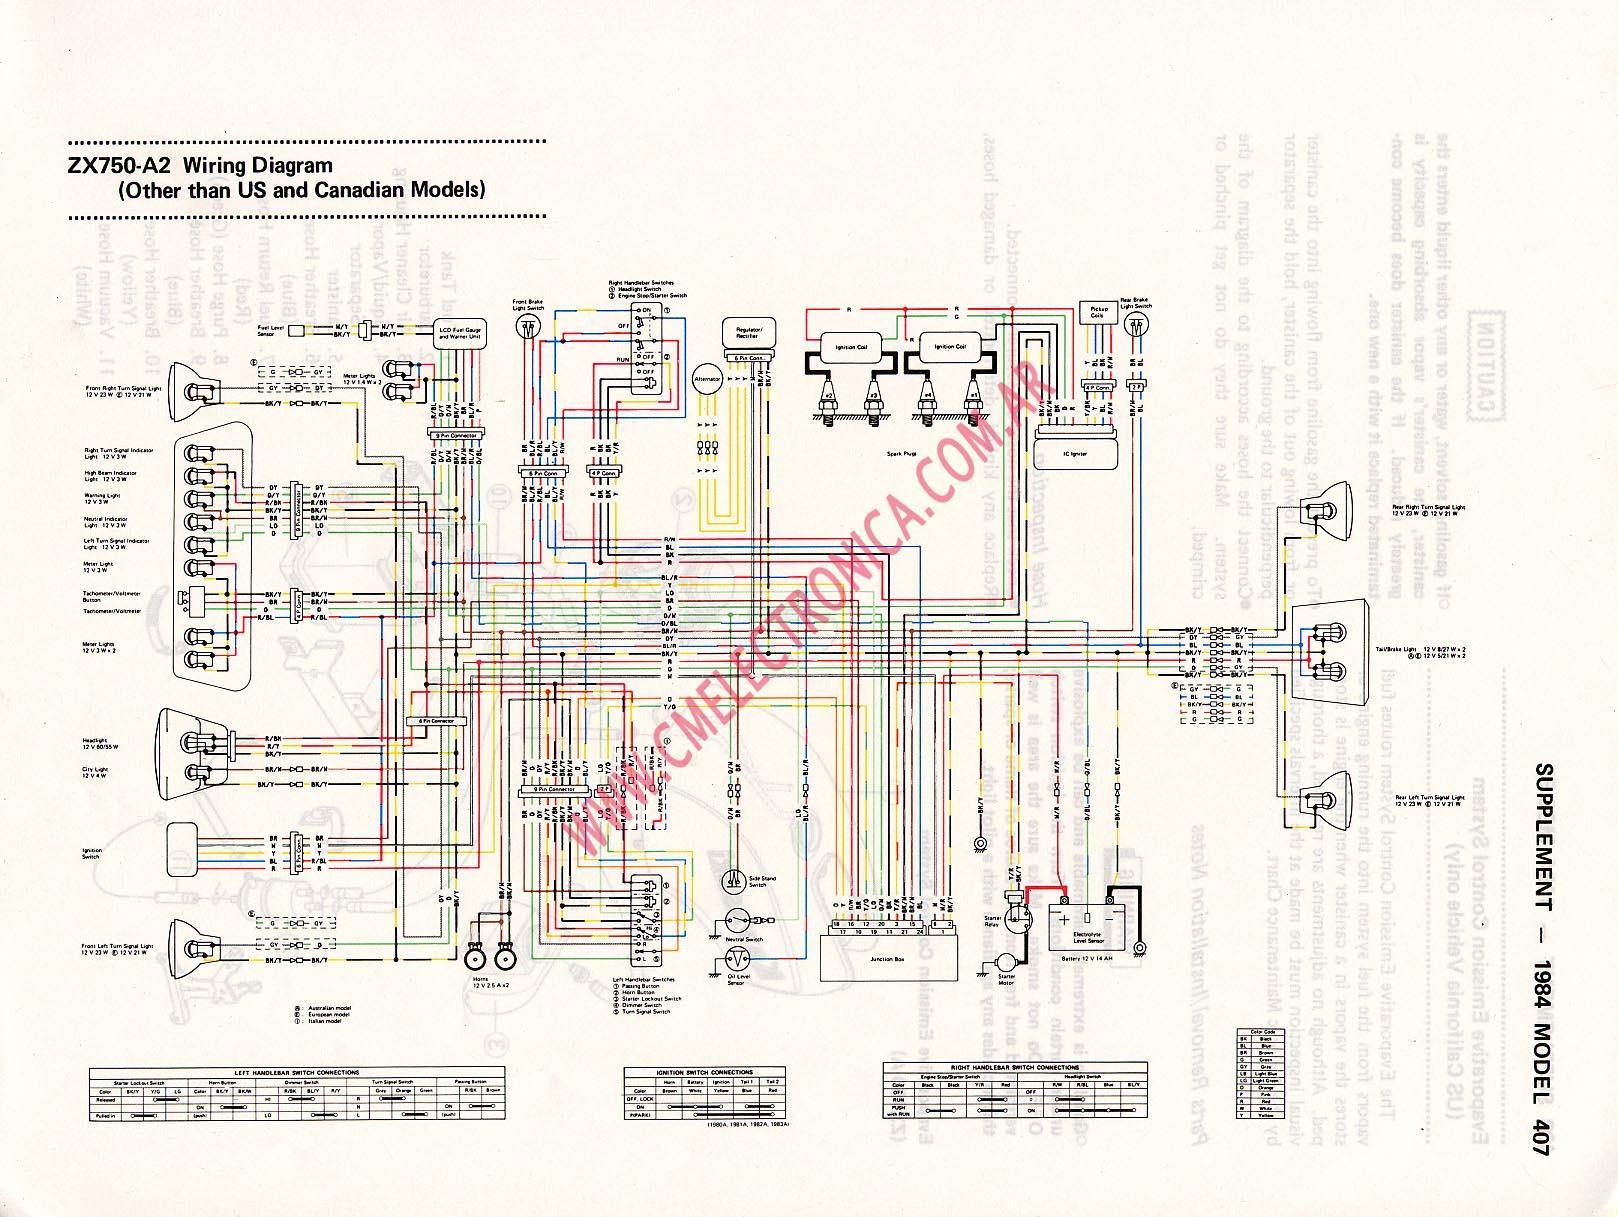 2006 kawasaki mule 3010 wiring diagram baseball field printable layout 610 parts car interior design